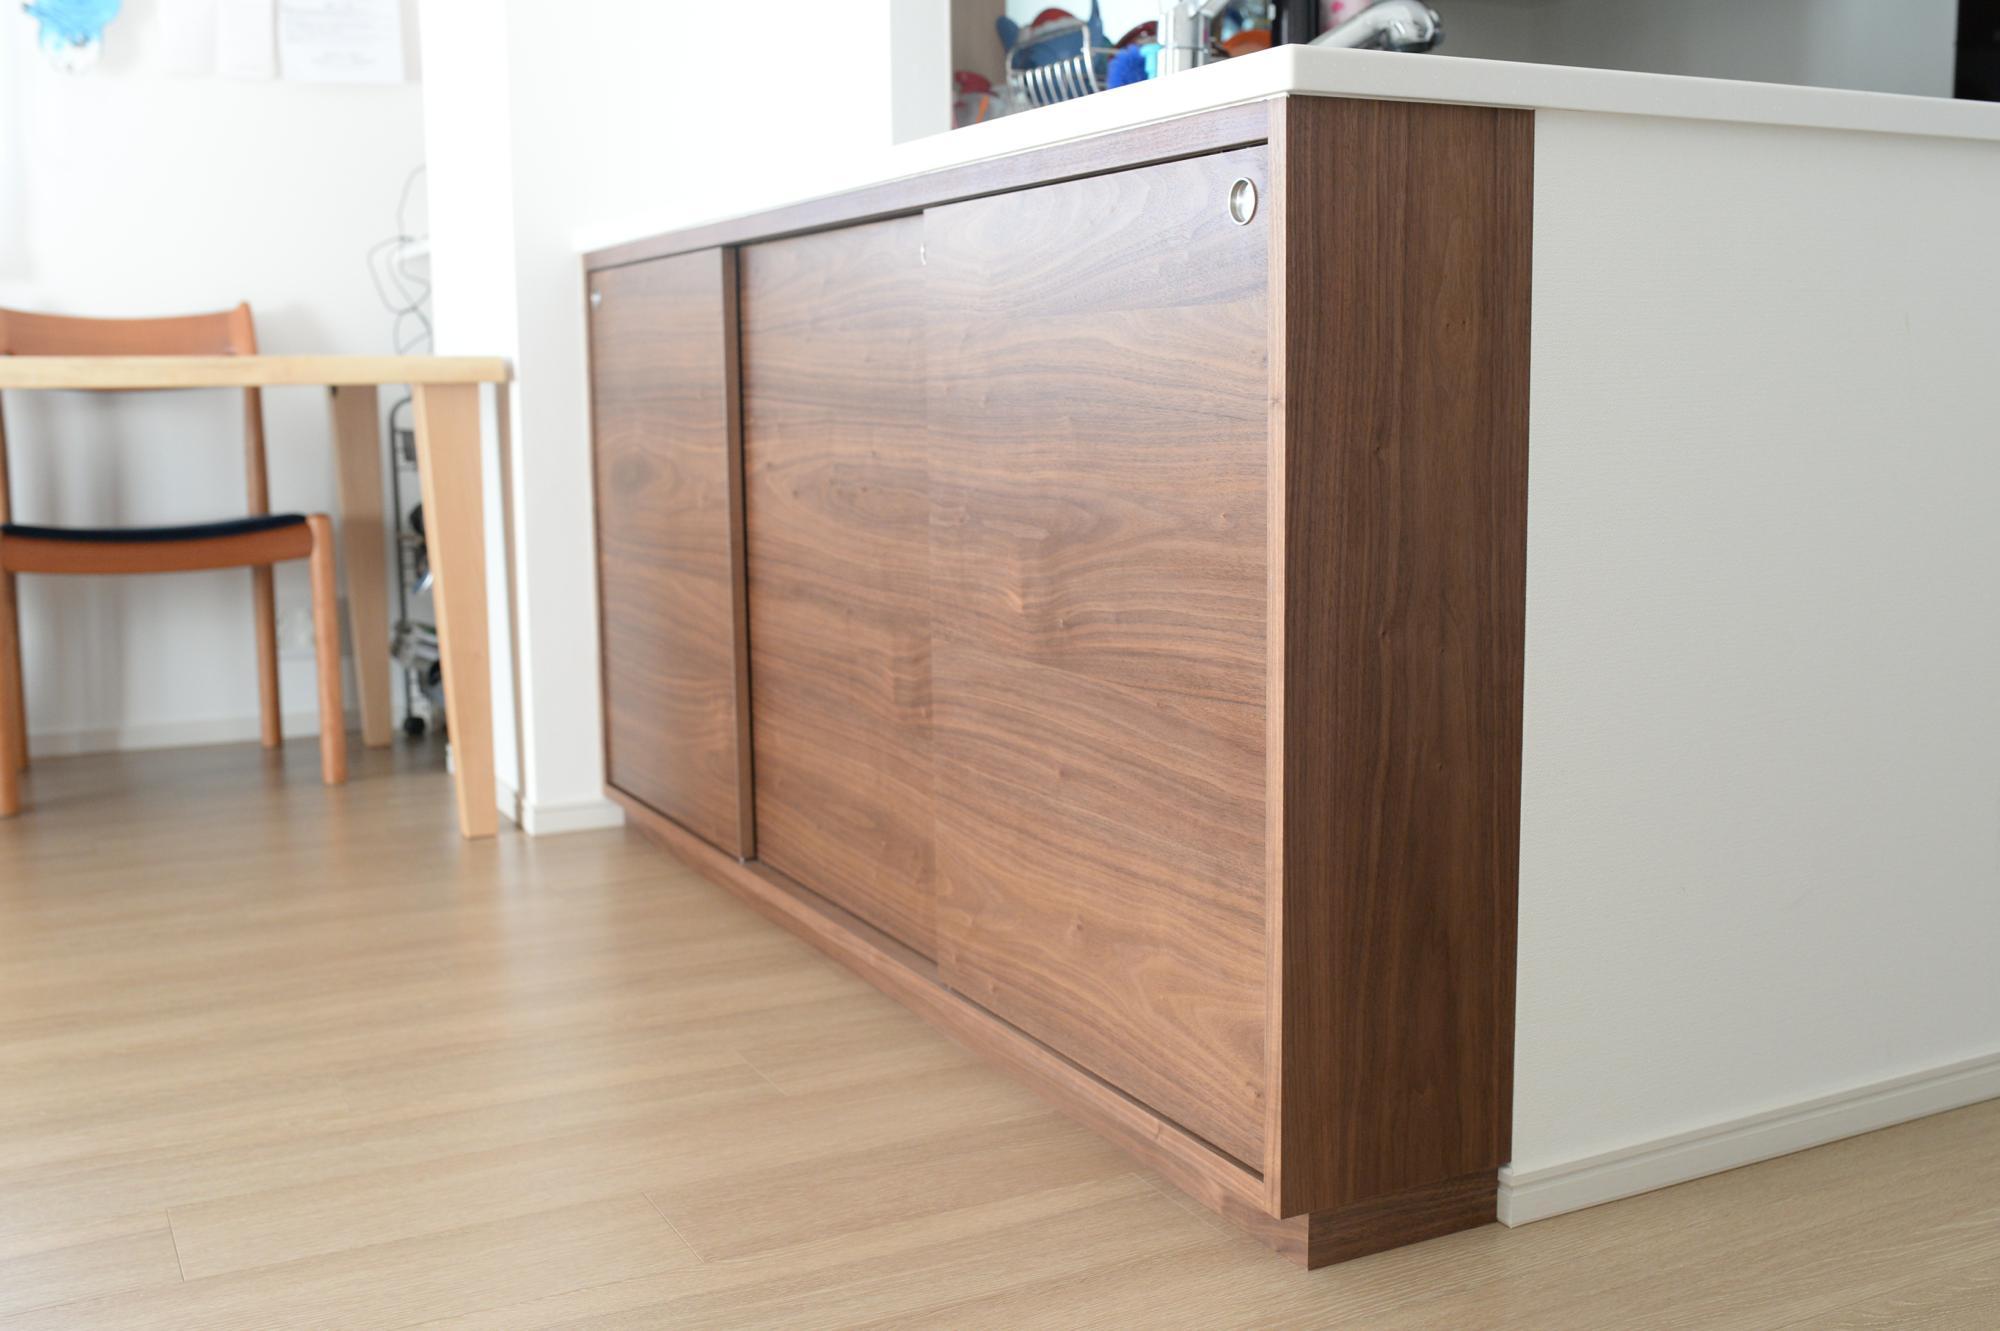 オーダー家具 カウンター下収納 食器棚